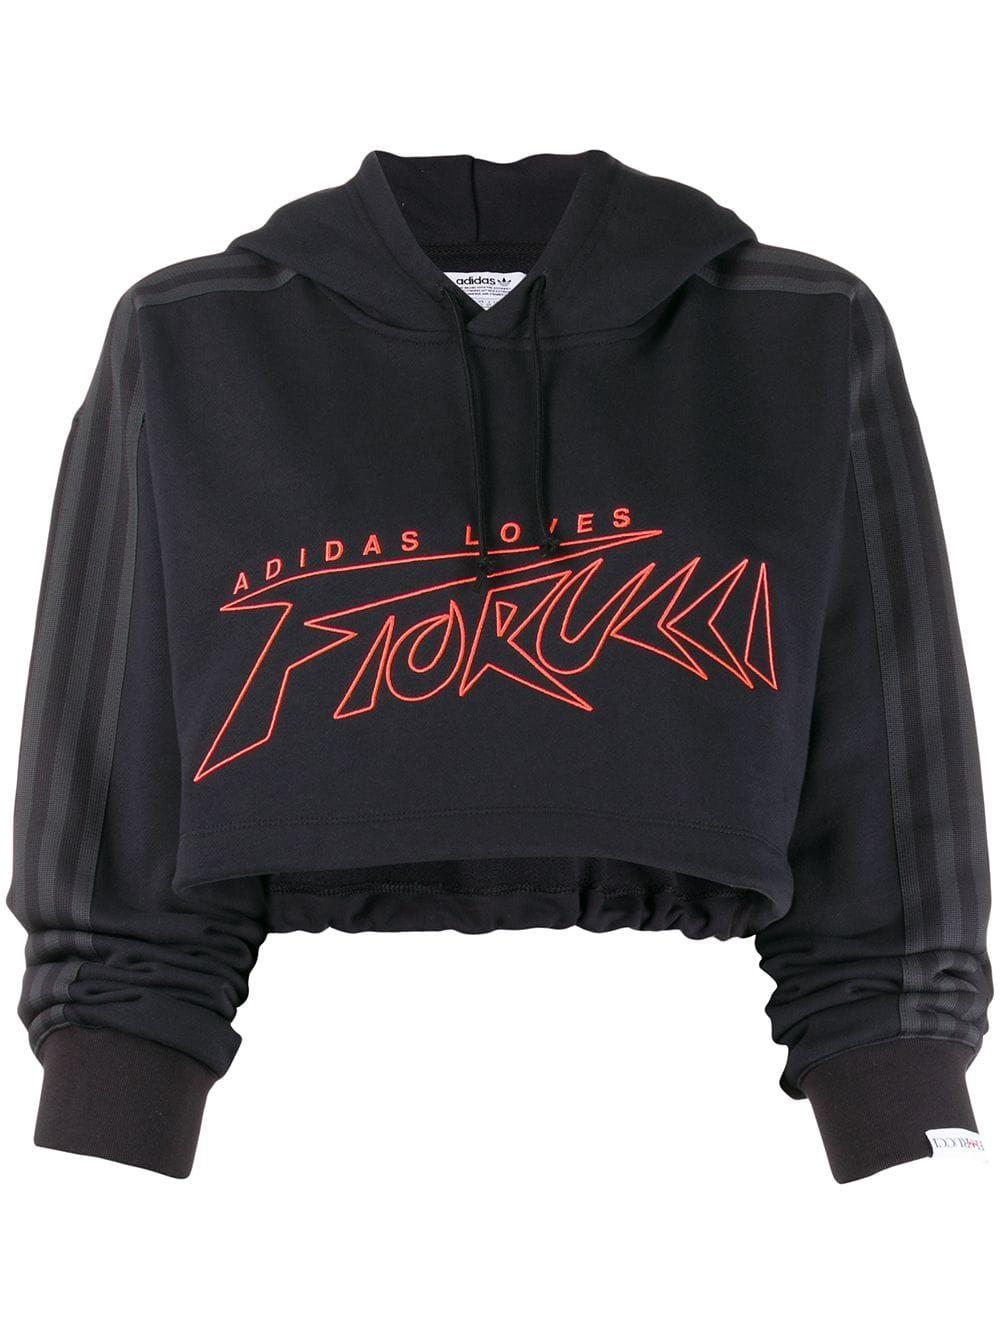 Predownload: Fiorucci X Adidas Cropped Sweatshirt Farfetch Adidas Crop Sweatshirts Fiorucci [ 1334 x 1000 Pixel ]